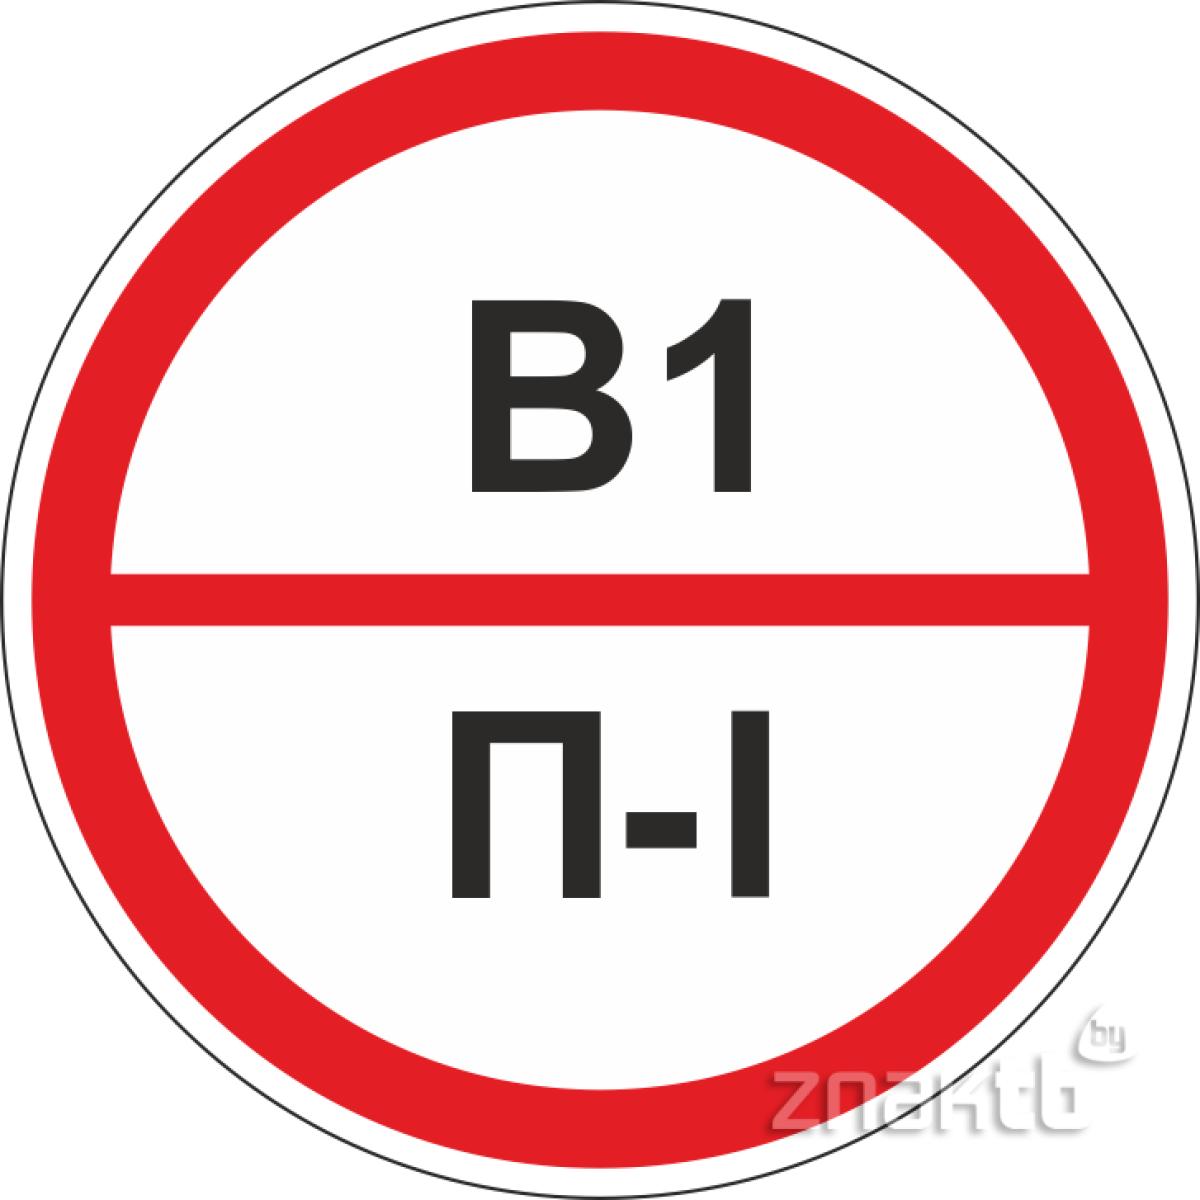 Знаки категорийности помещений В1/П1